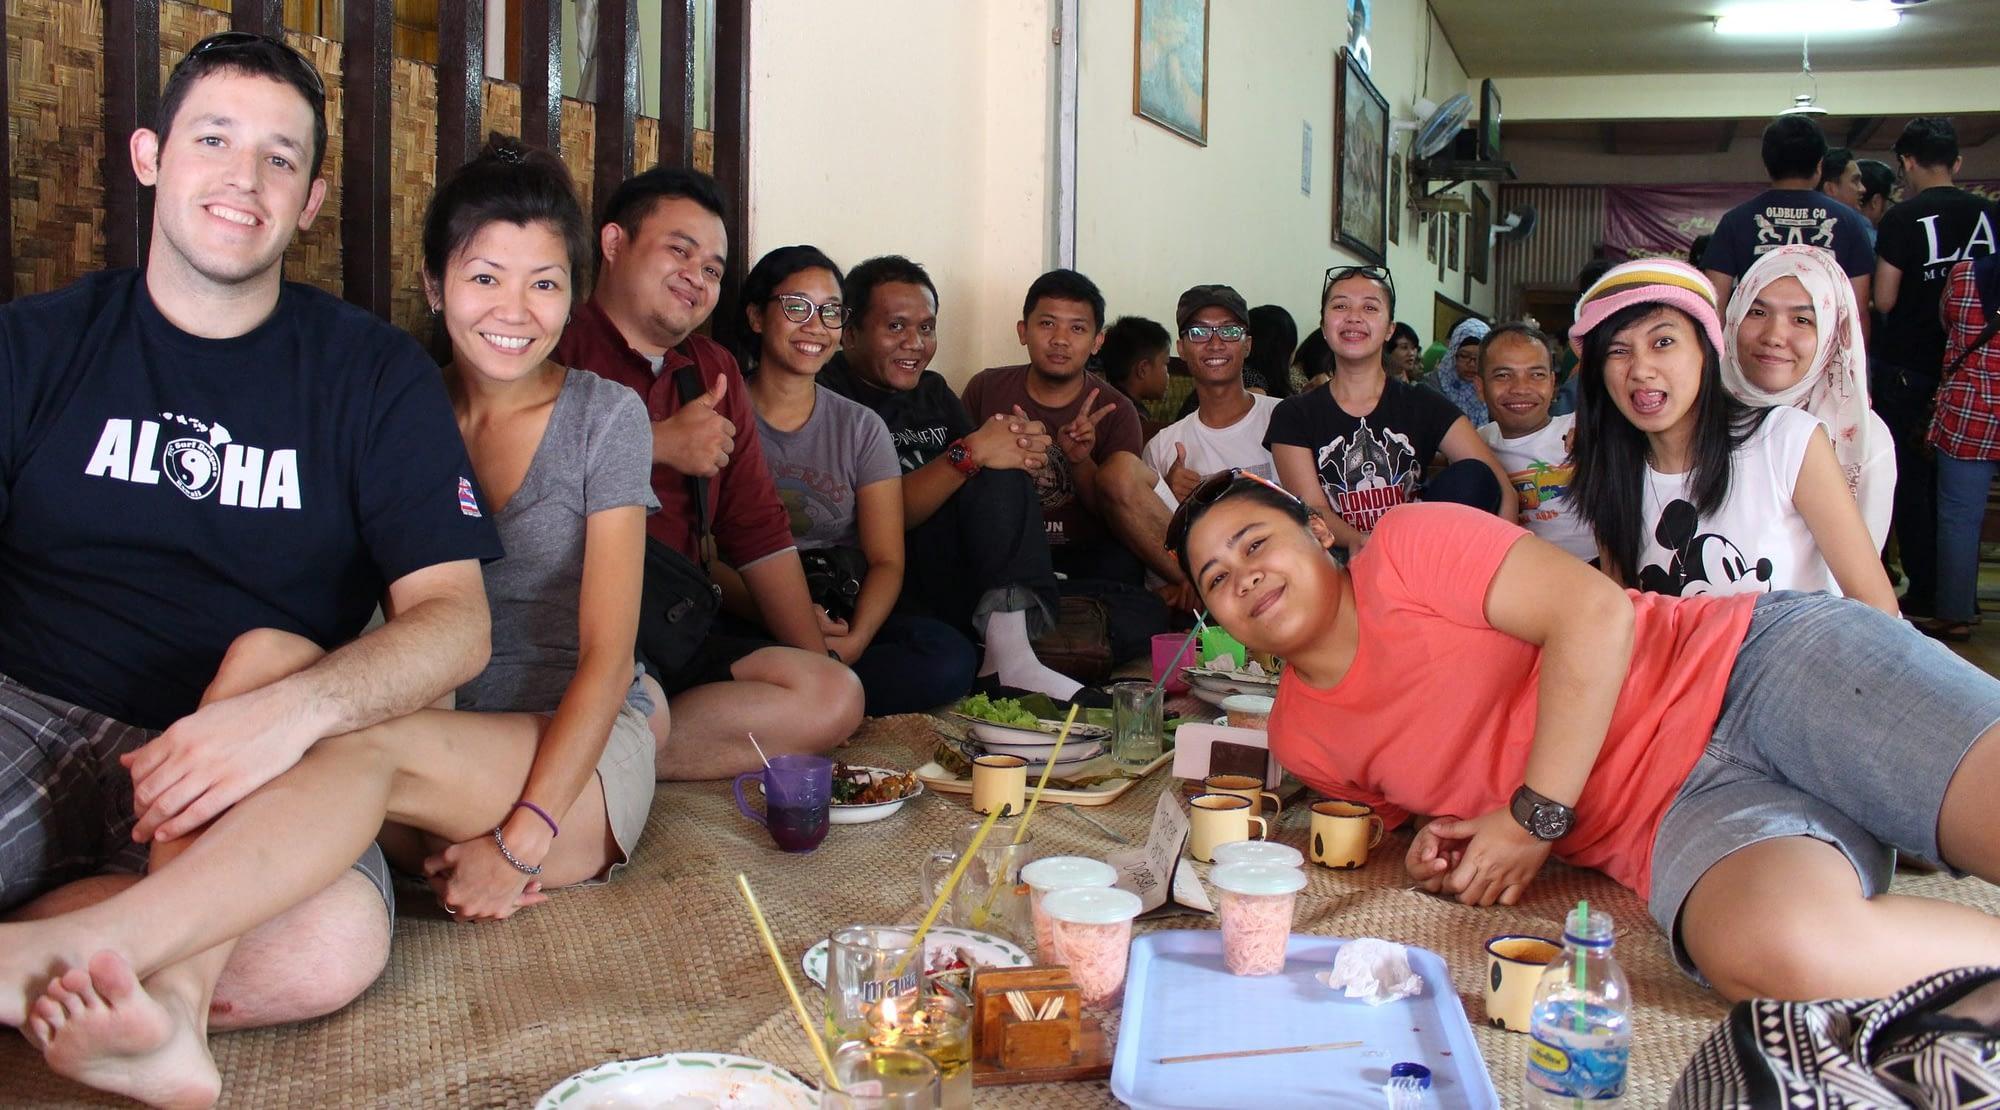 volunteering across cultures